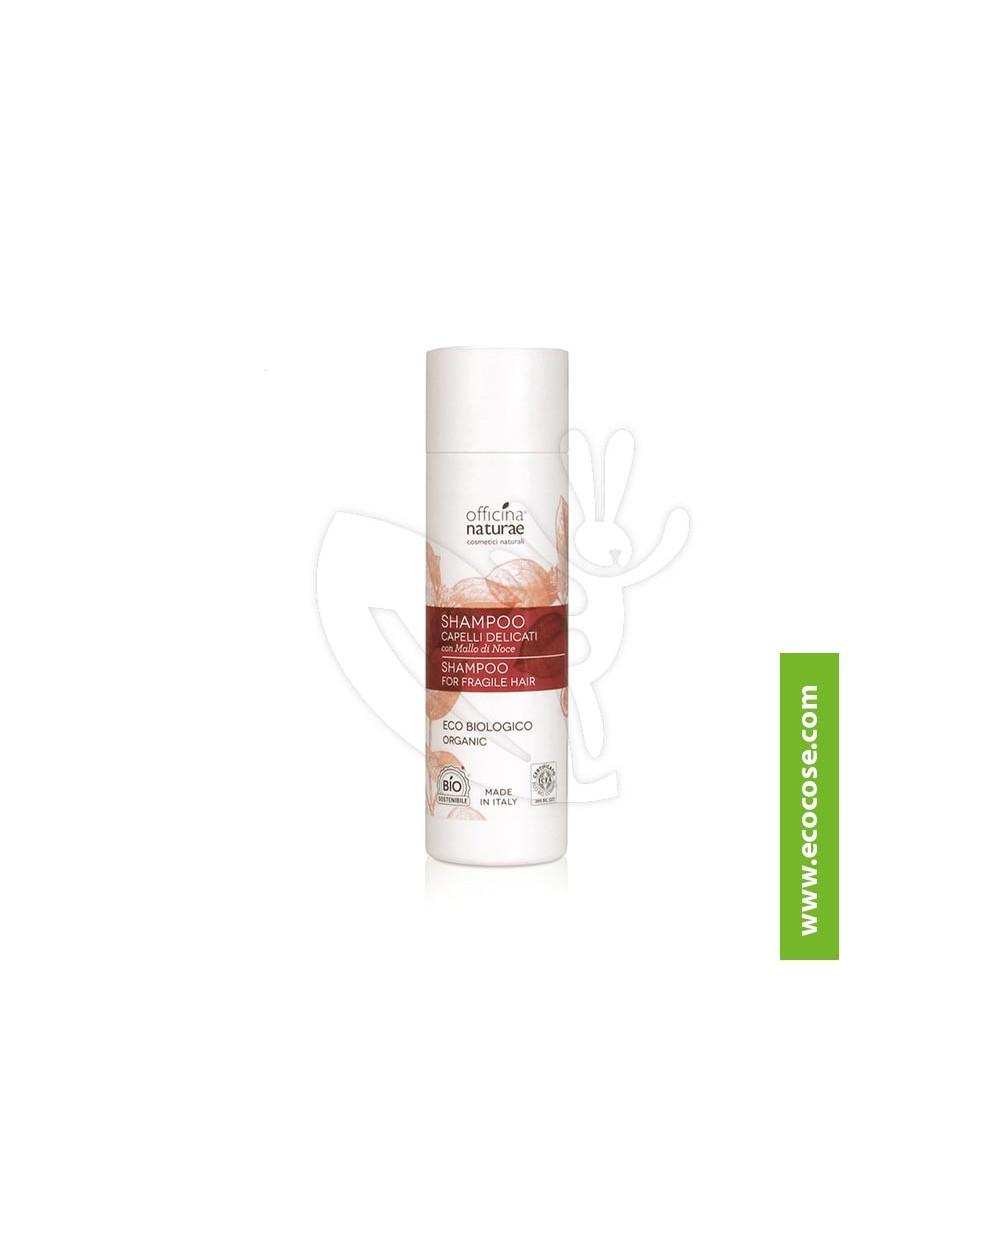 Officina Naturae - Gli Innovattivi - Shampoo Capelli Delicati